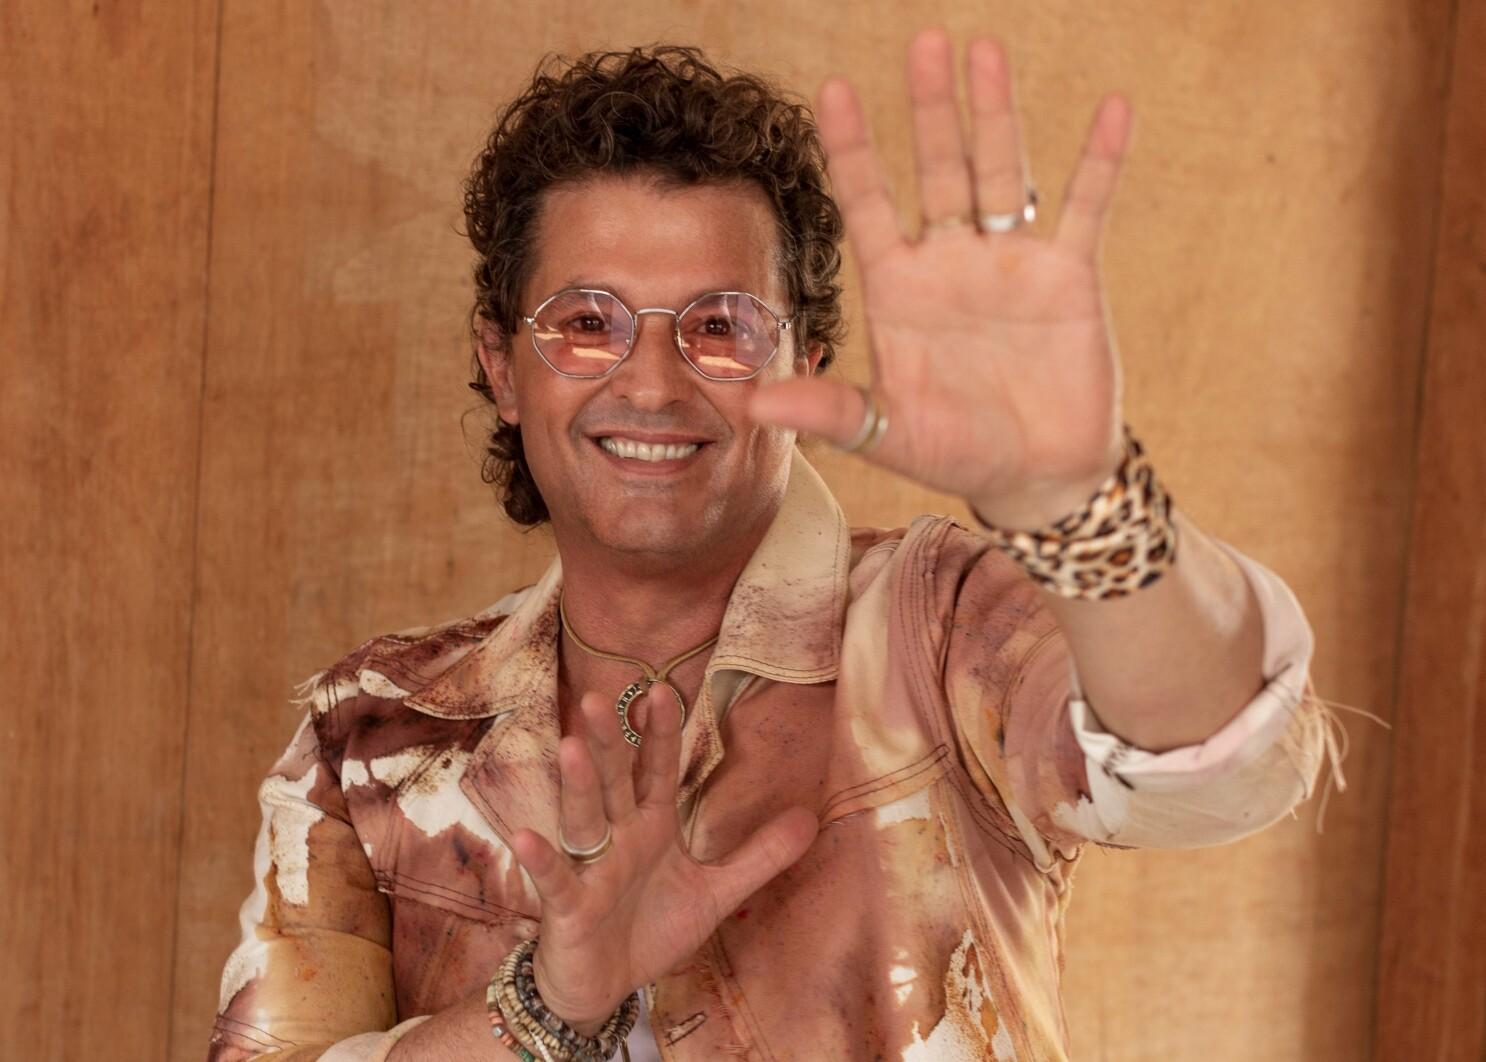 Bacilos presentó su nueva versión de 'Caraluna' junto a Carlos Vives